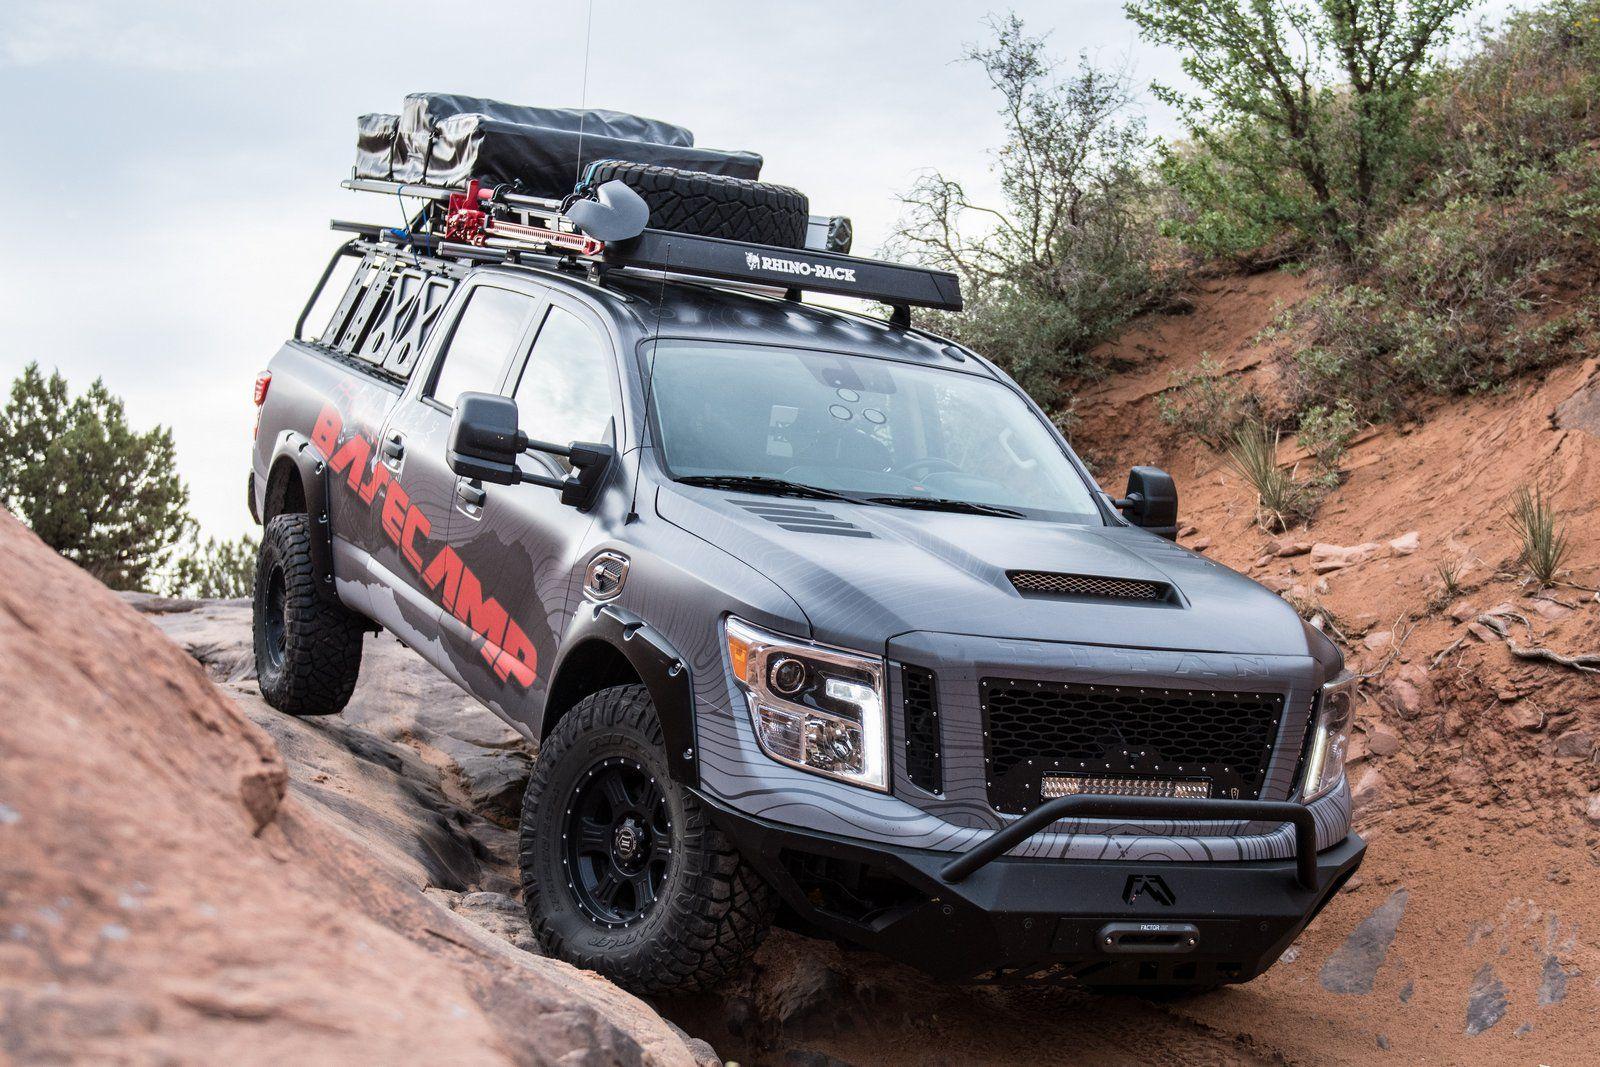 Nissan Titan Xd Pro 4x Project Basecamp Is One Tough Truck Carscoops Nissan Titan Xd Nissan Titan Nissan Titan Pro 4x